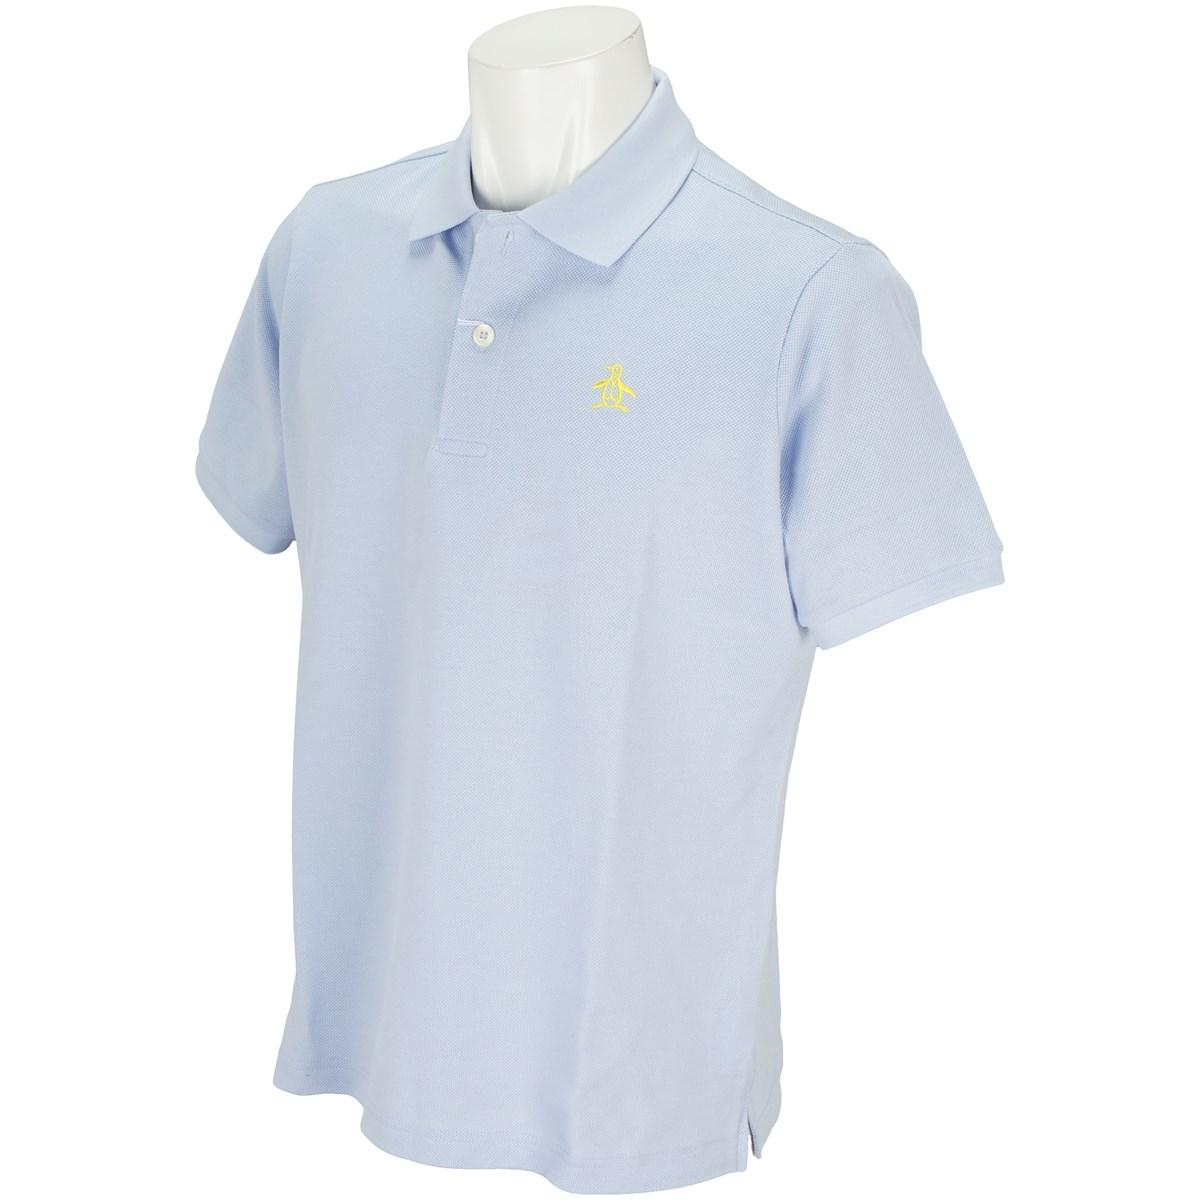 マンシングウェア Munsingwear ONE THING 半袖ポロシャツ LL 淡ブルー M714